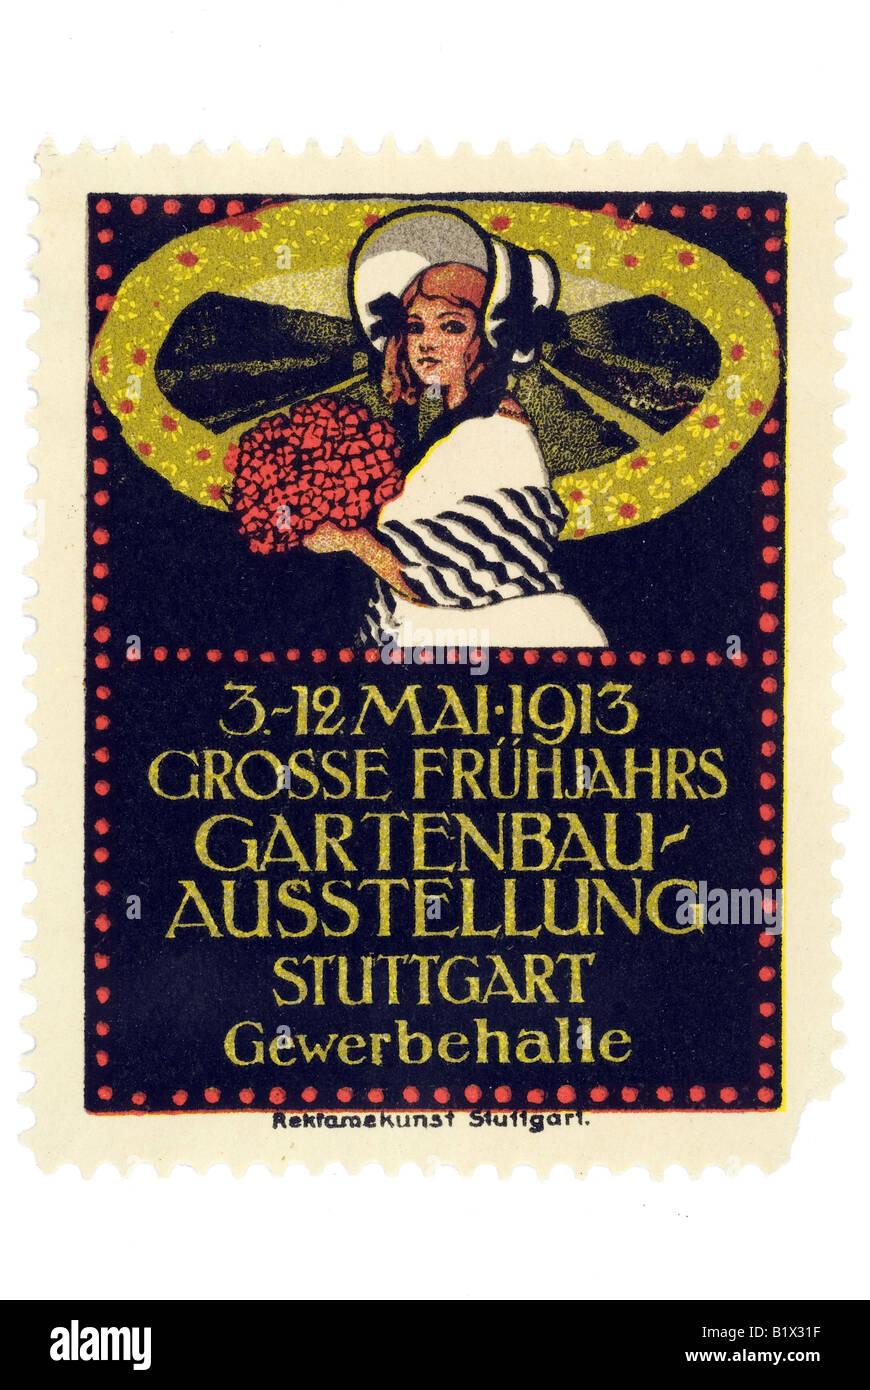 Gartenbau Stuttgart 1913 grosse frühjahrs gartenbau ausstellung stuttgart gewerbehalle